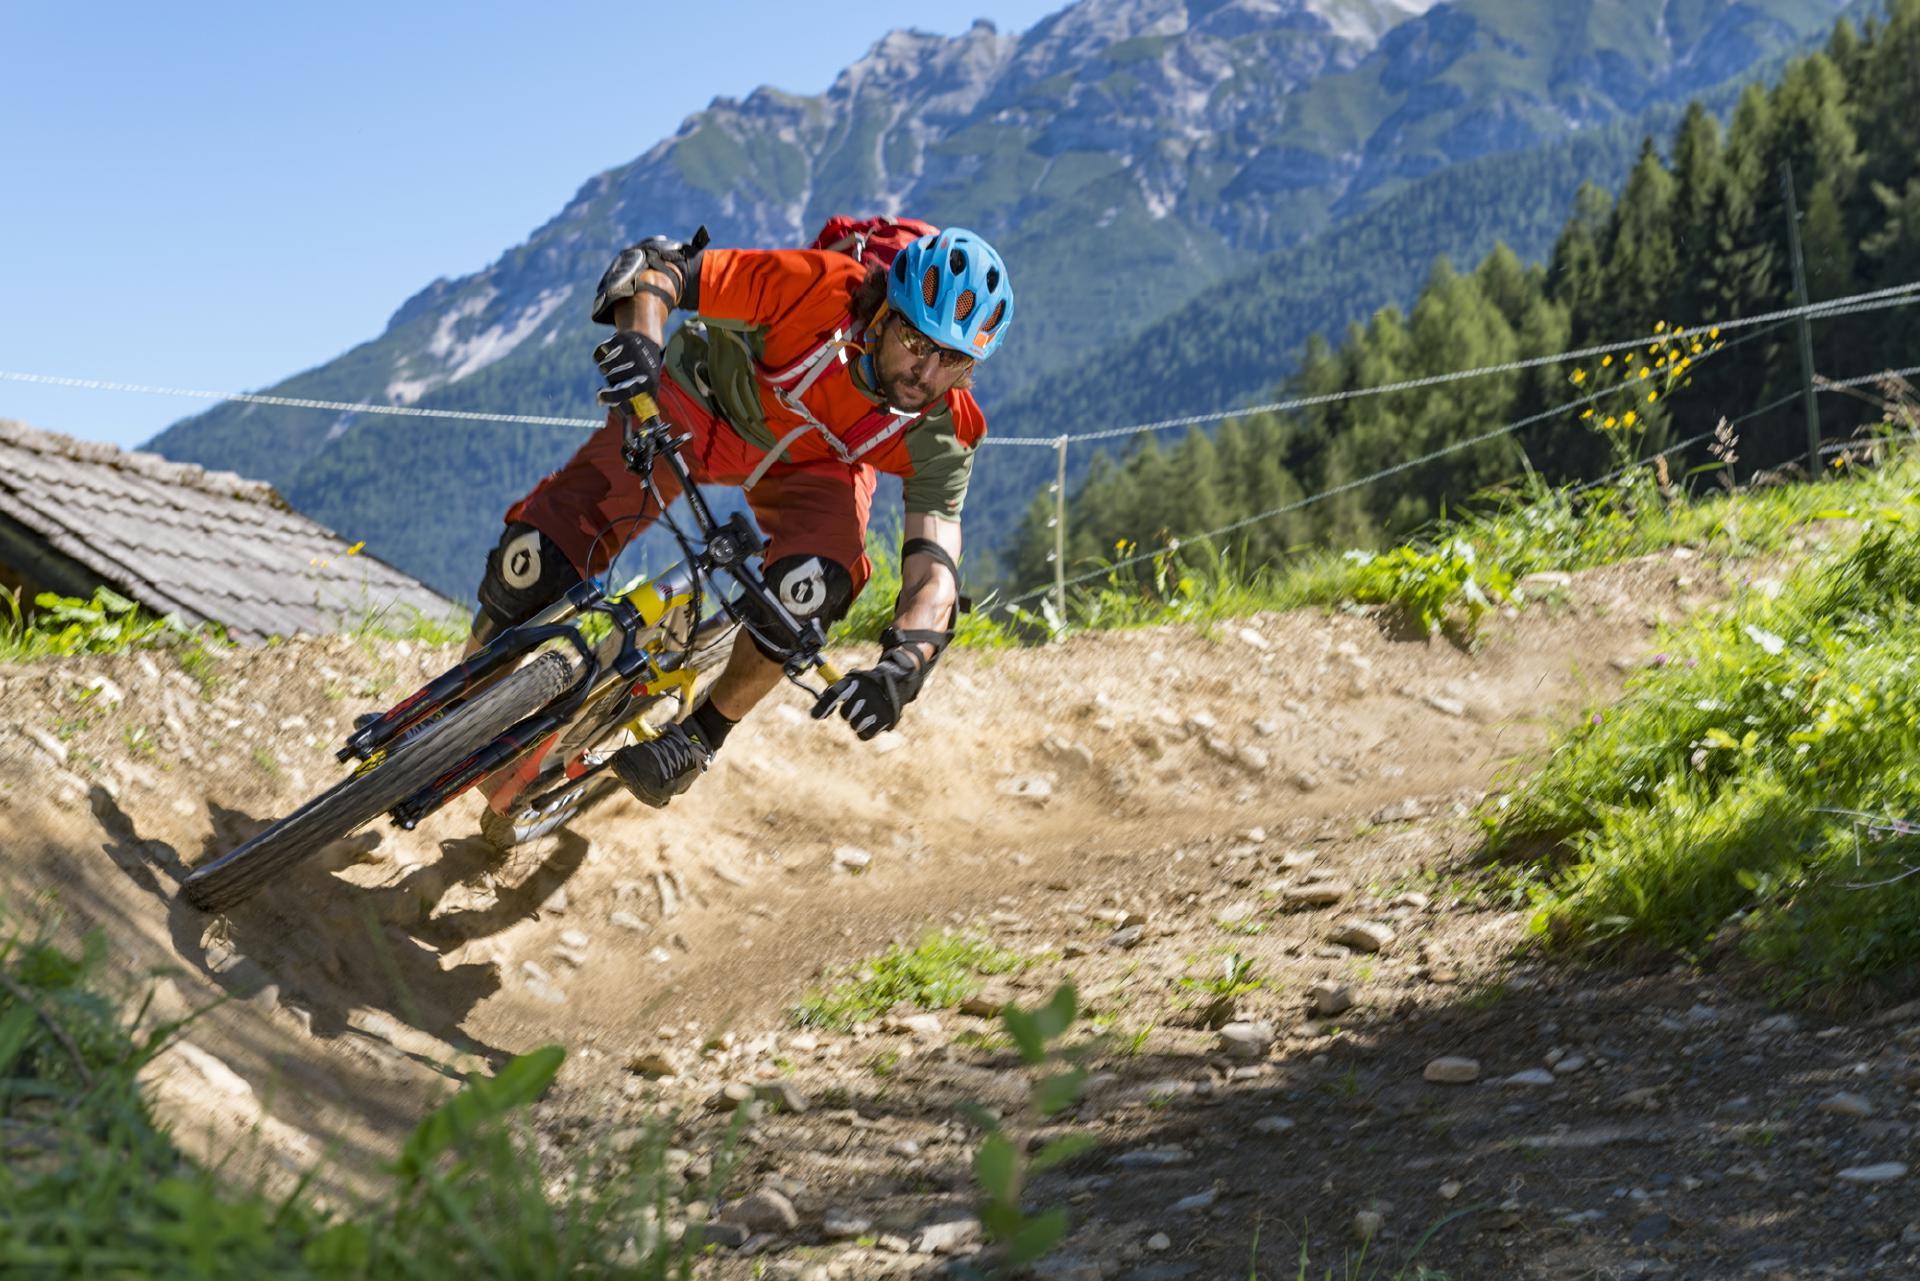 Vormittags im Bikepark Innsbruck und nachmittags auf dem EinsEinser Trail im Stubaital rocken - mit der Bike City Card so einfach wie nie zuvor.